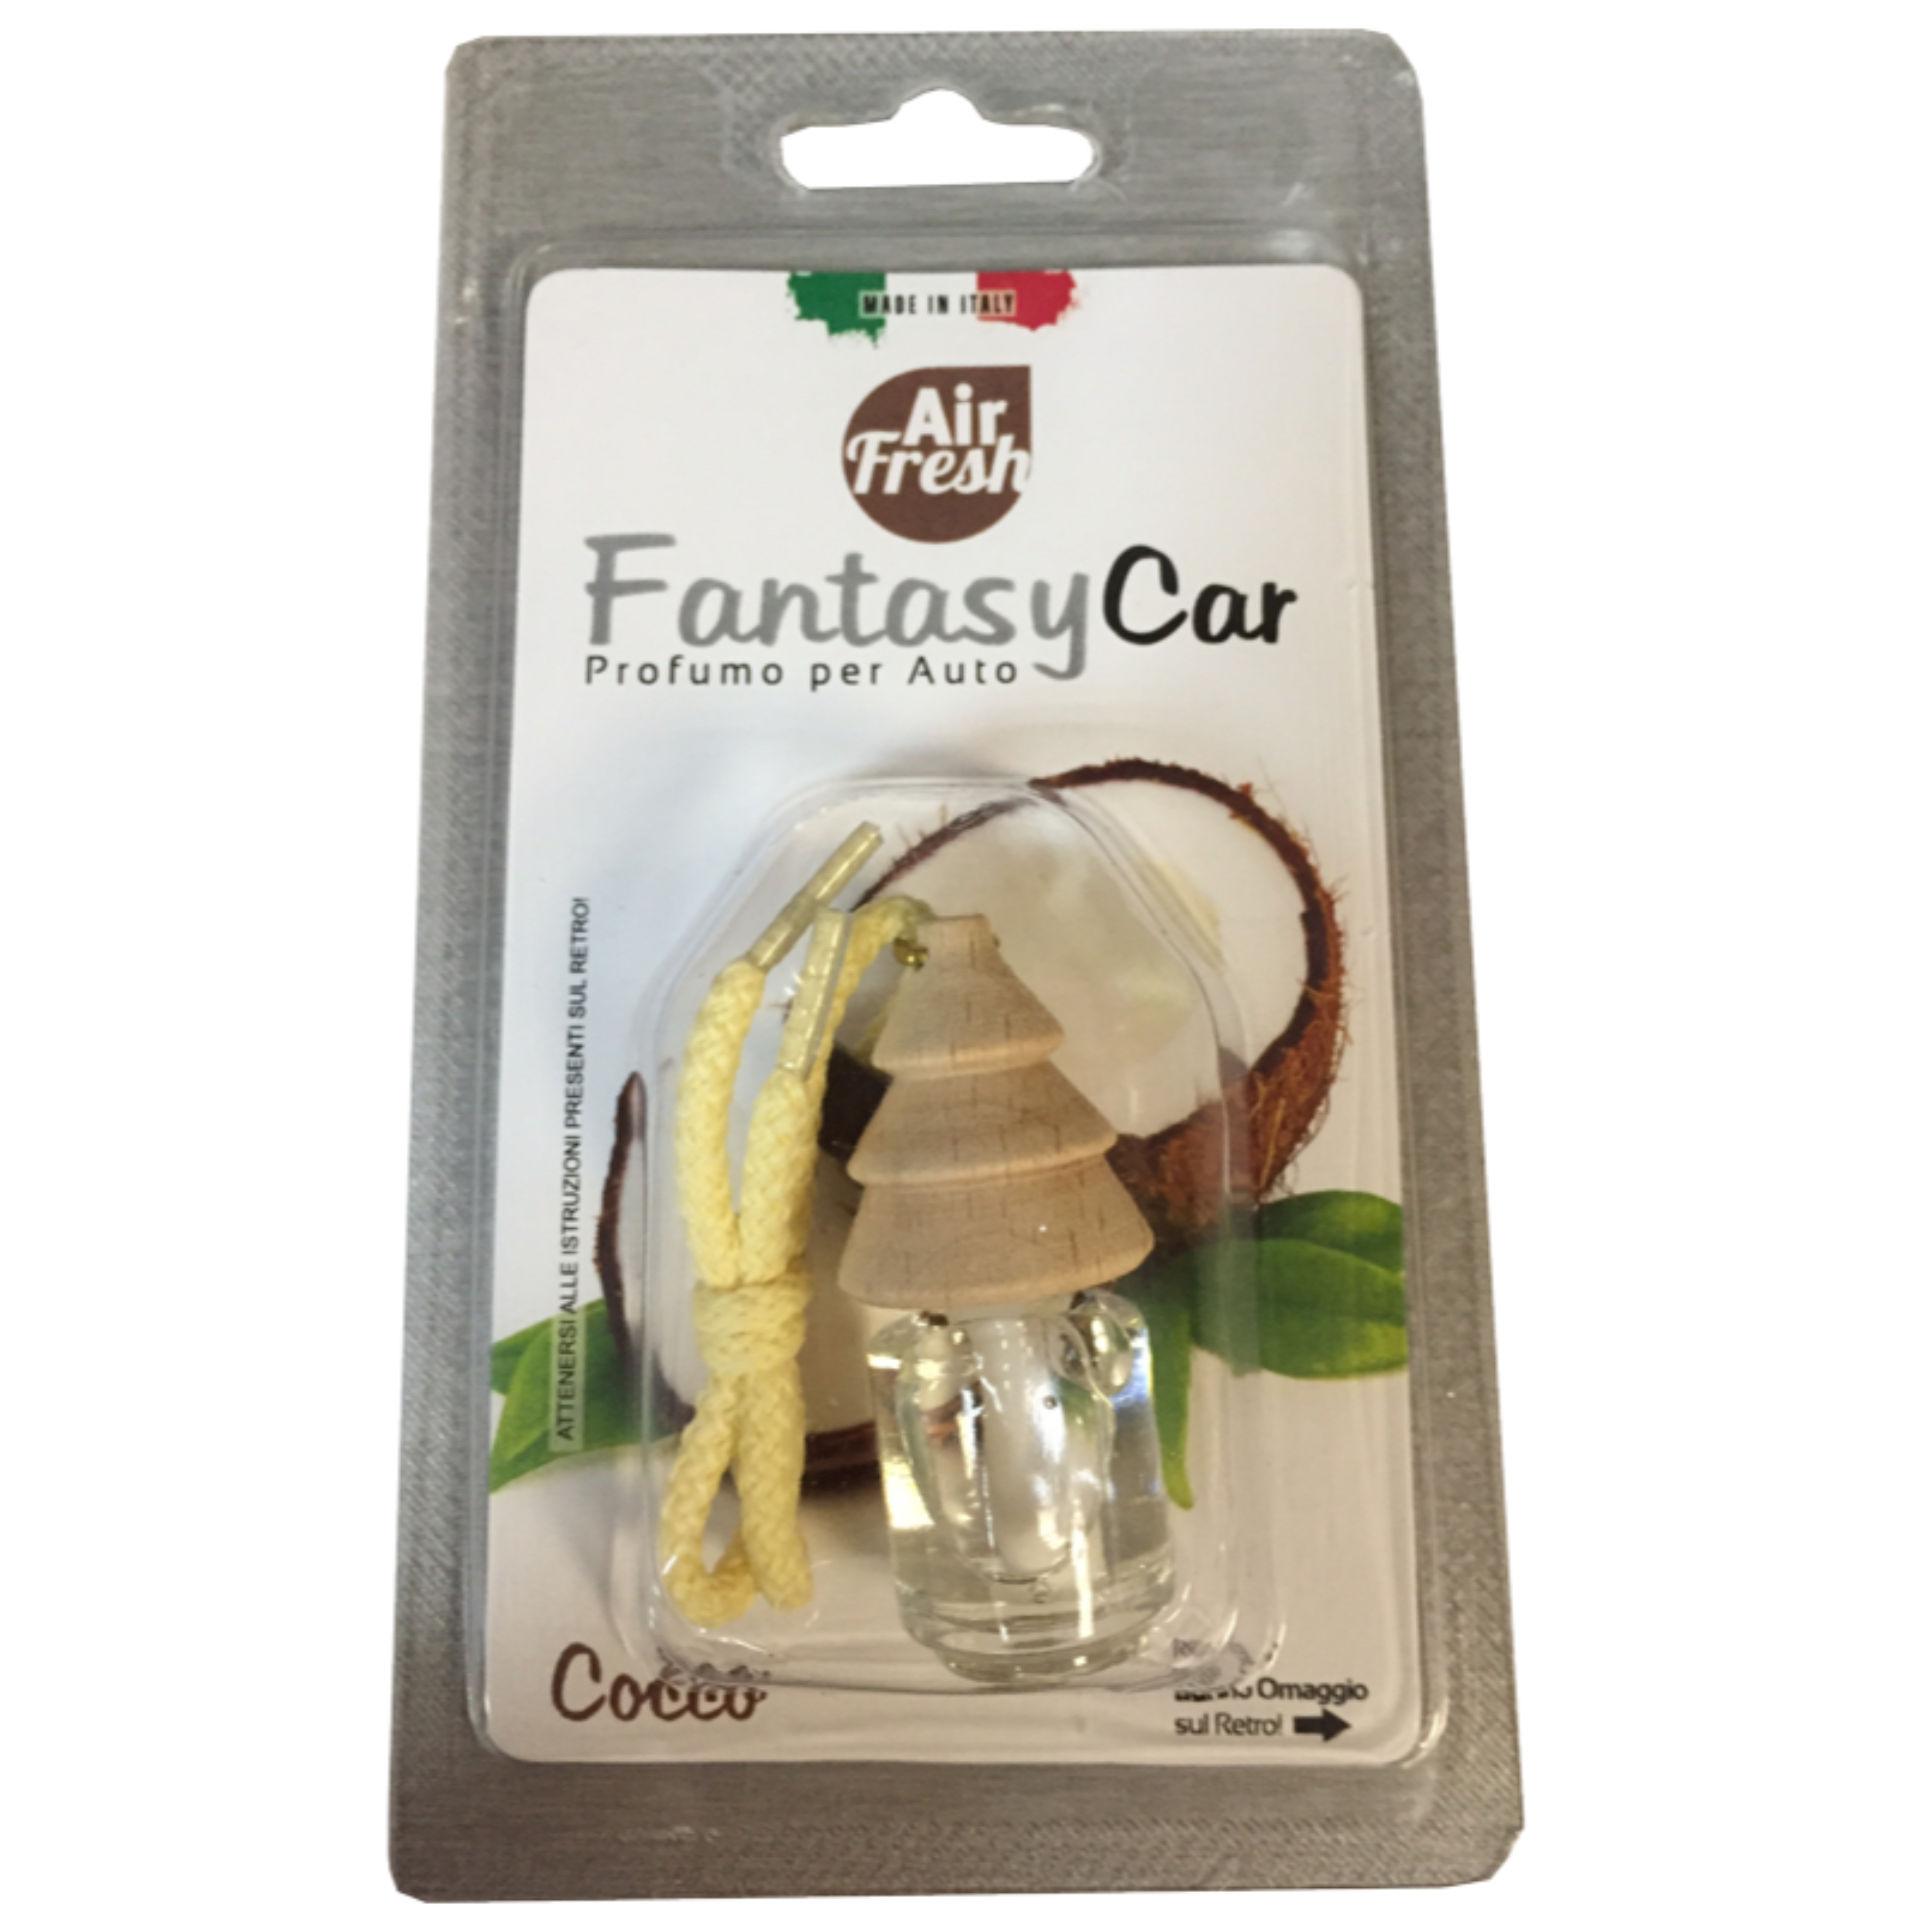 FANTASY CAR PROF.AUTO 5 ML - COCCOFantasy Car